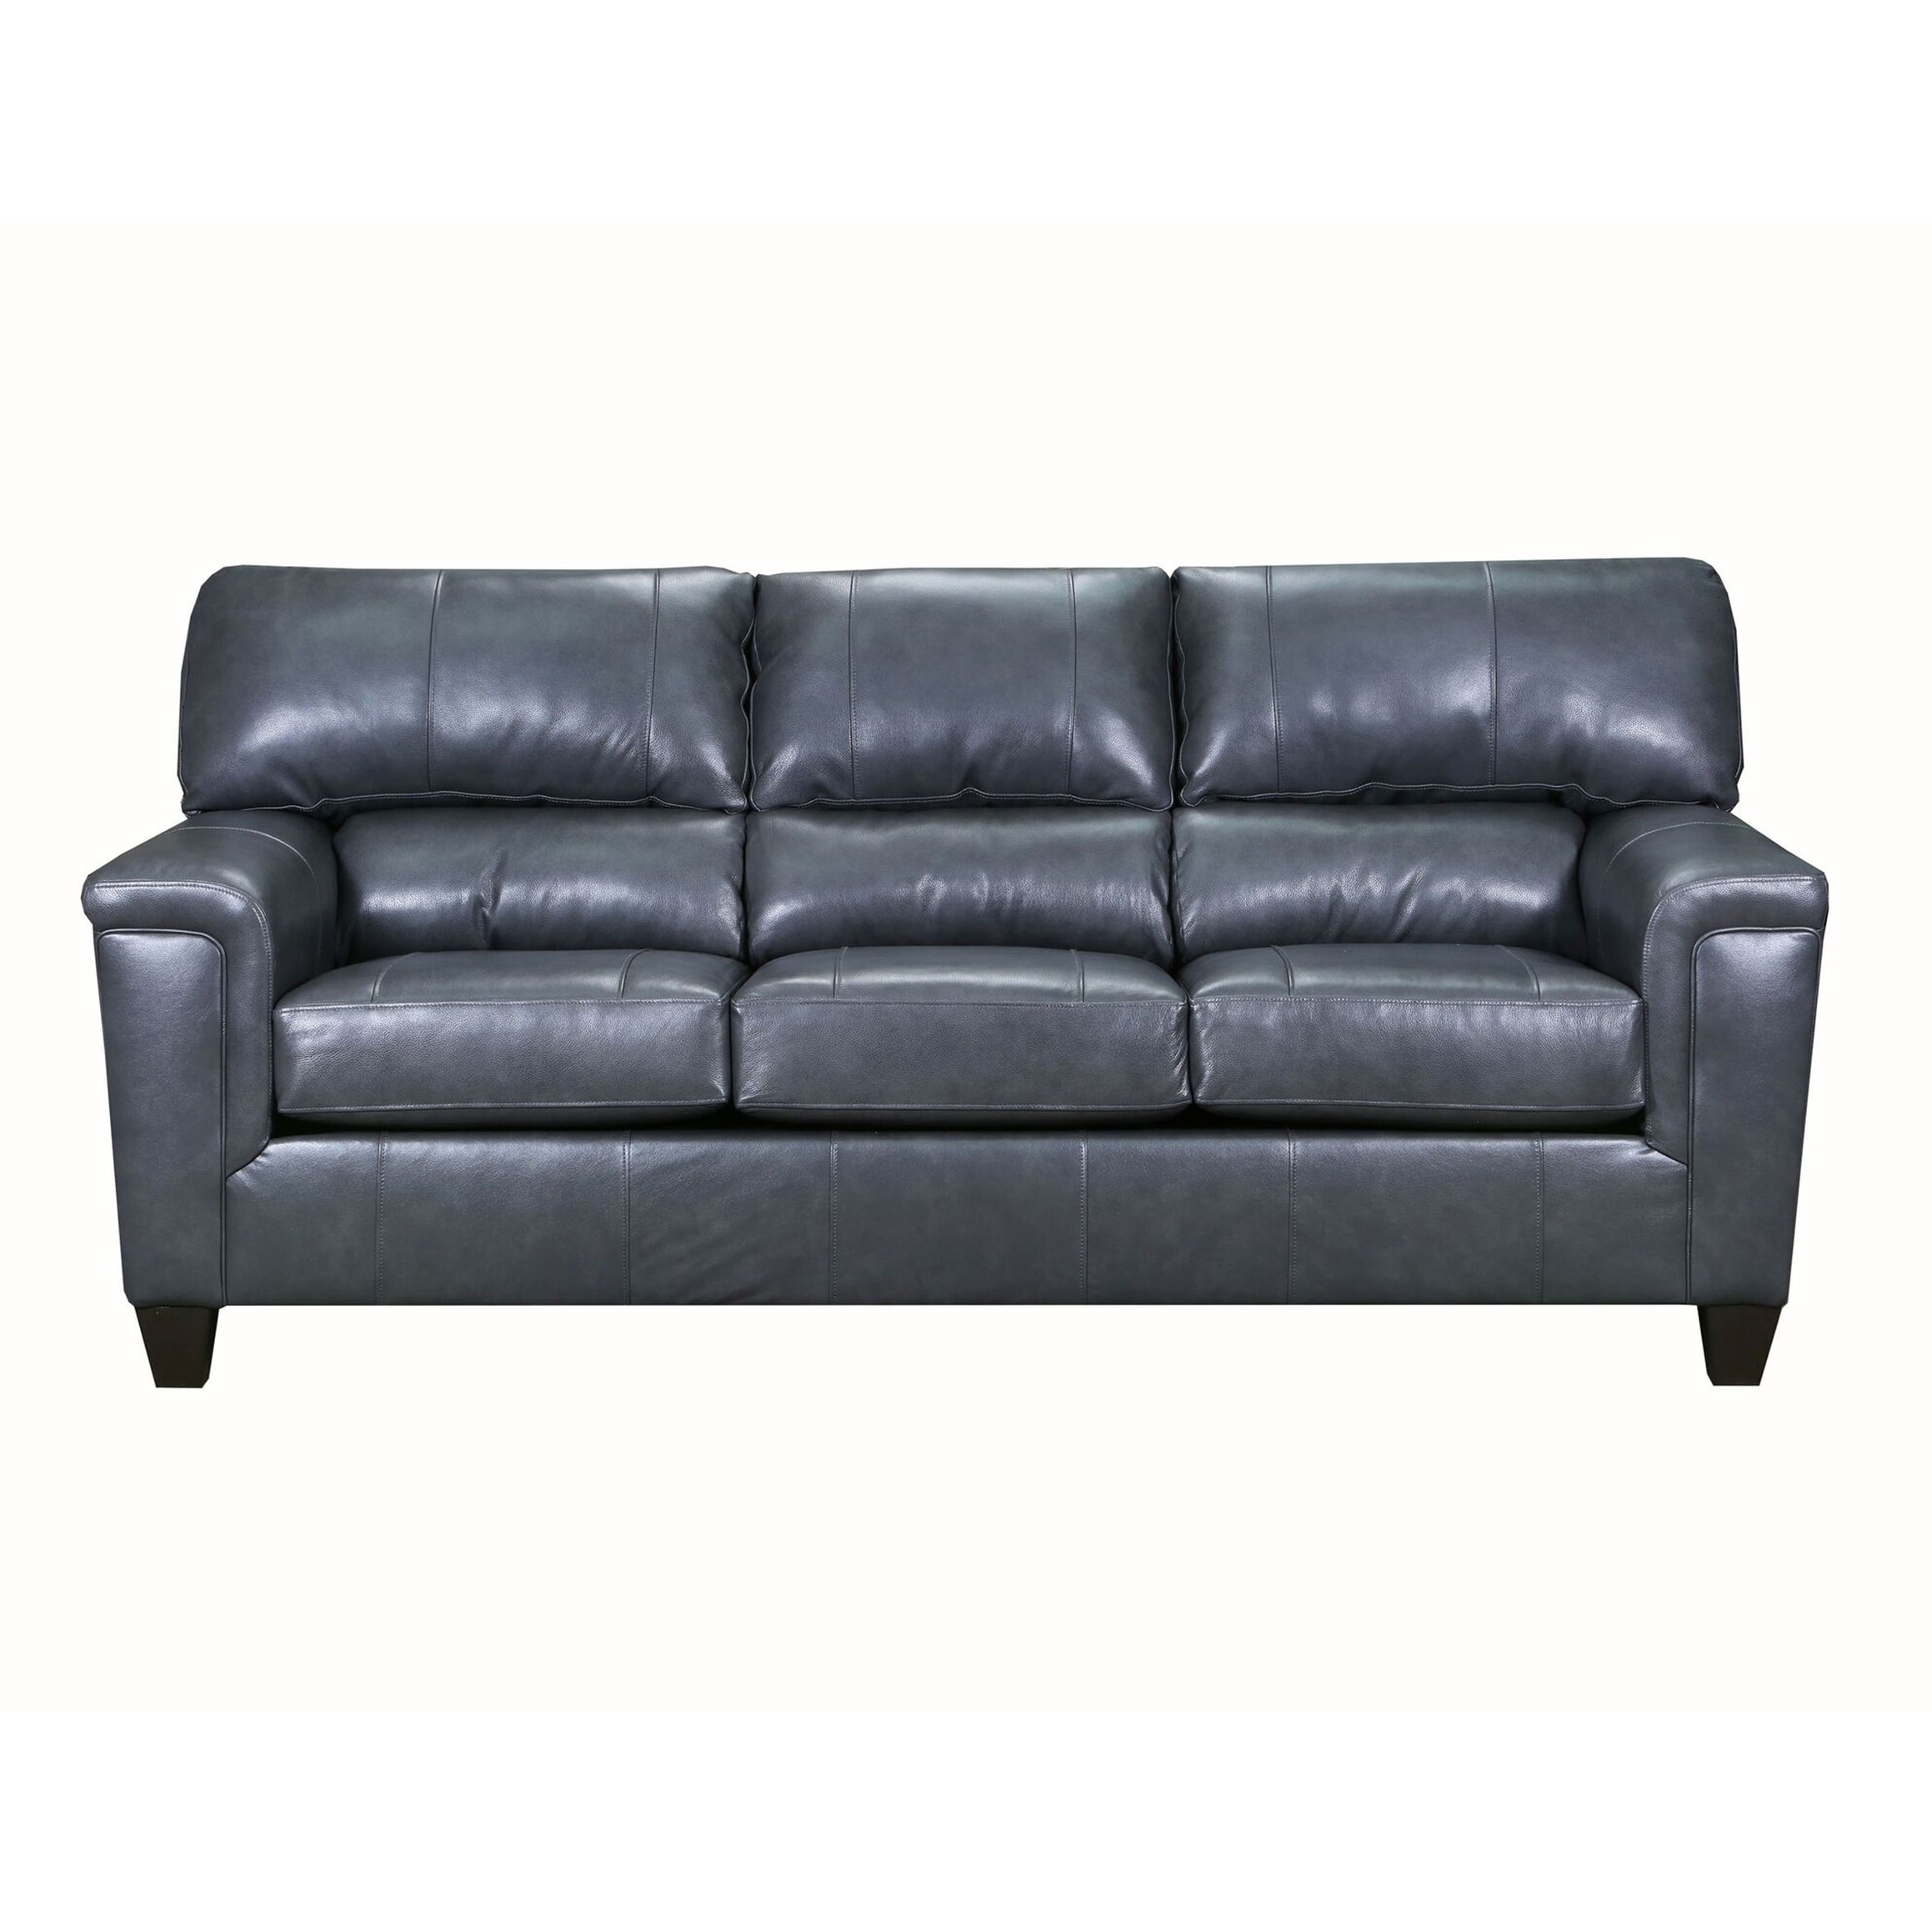 David Top Grain Leather Queen Sleeper Sofa